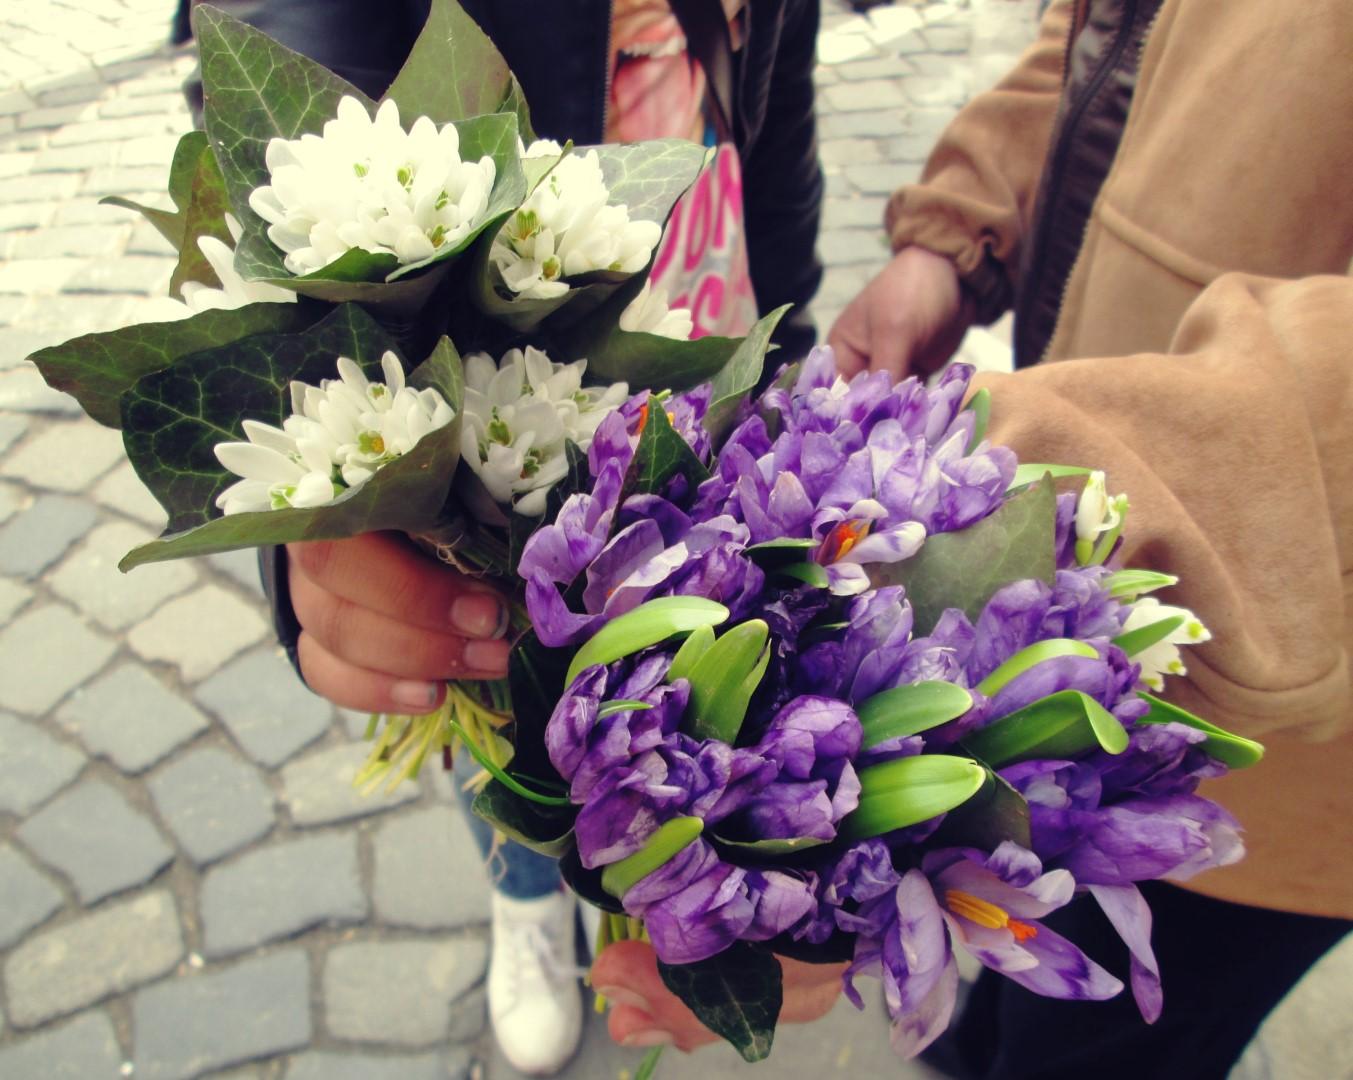 cresc flori din betoanele clujului (8) (Large)